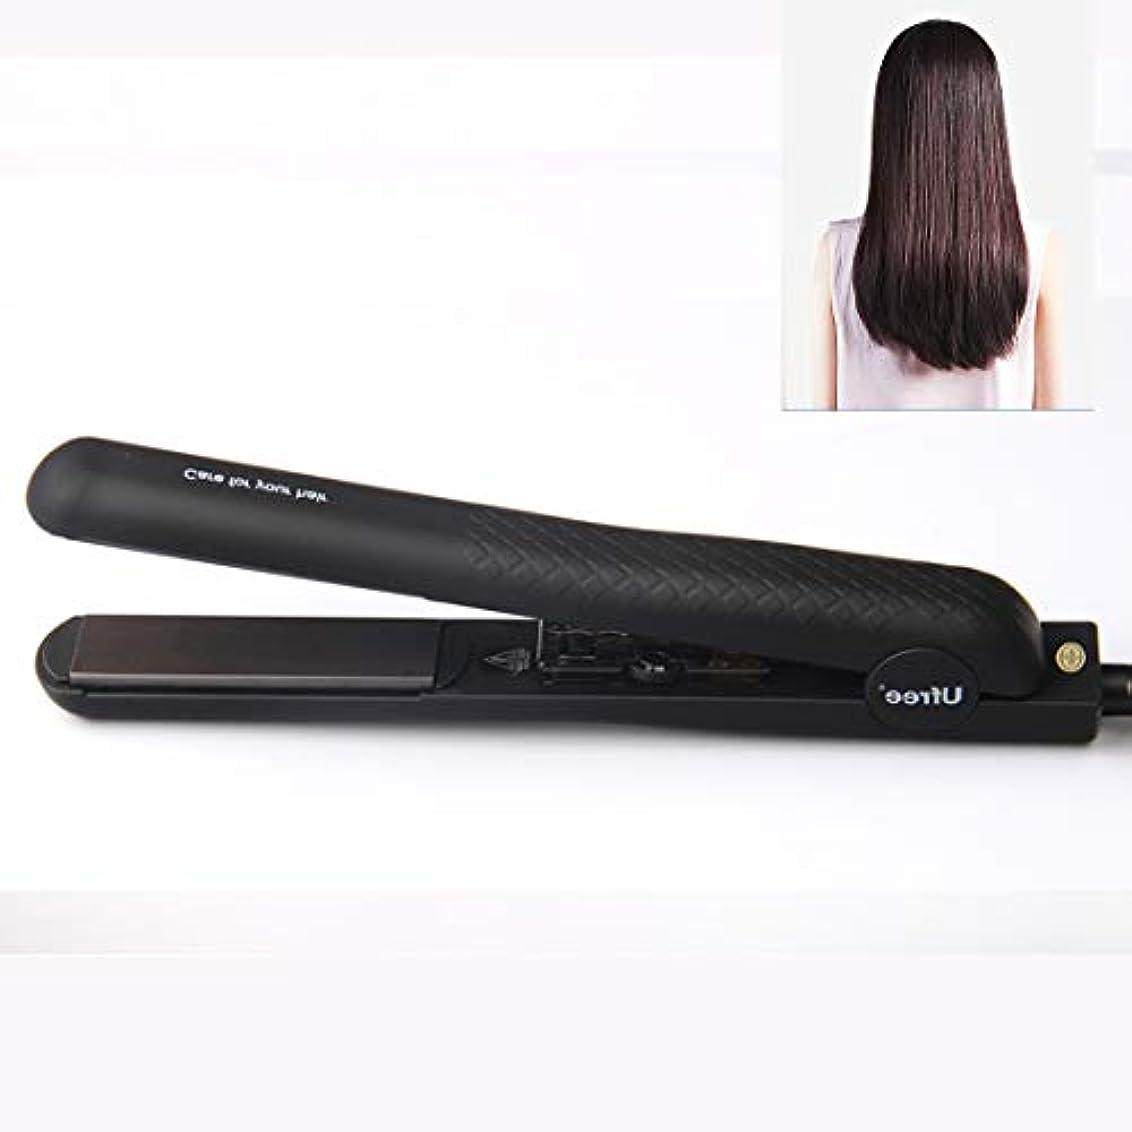 先生飢え解決MEI1JIA Ufree U-330セラミックプレート調節可能な温度ストレートヘアアイロン電気合板理髪ツール髪用、EUプラグ(ブラック) (色 : Black)